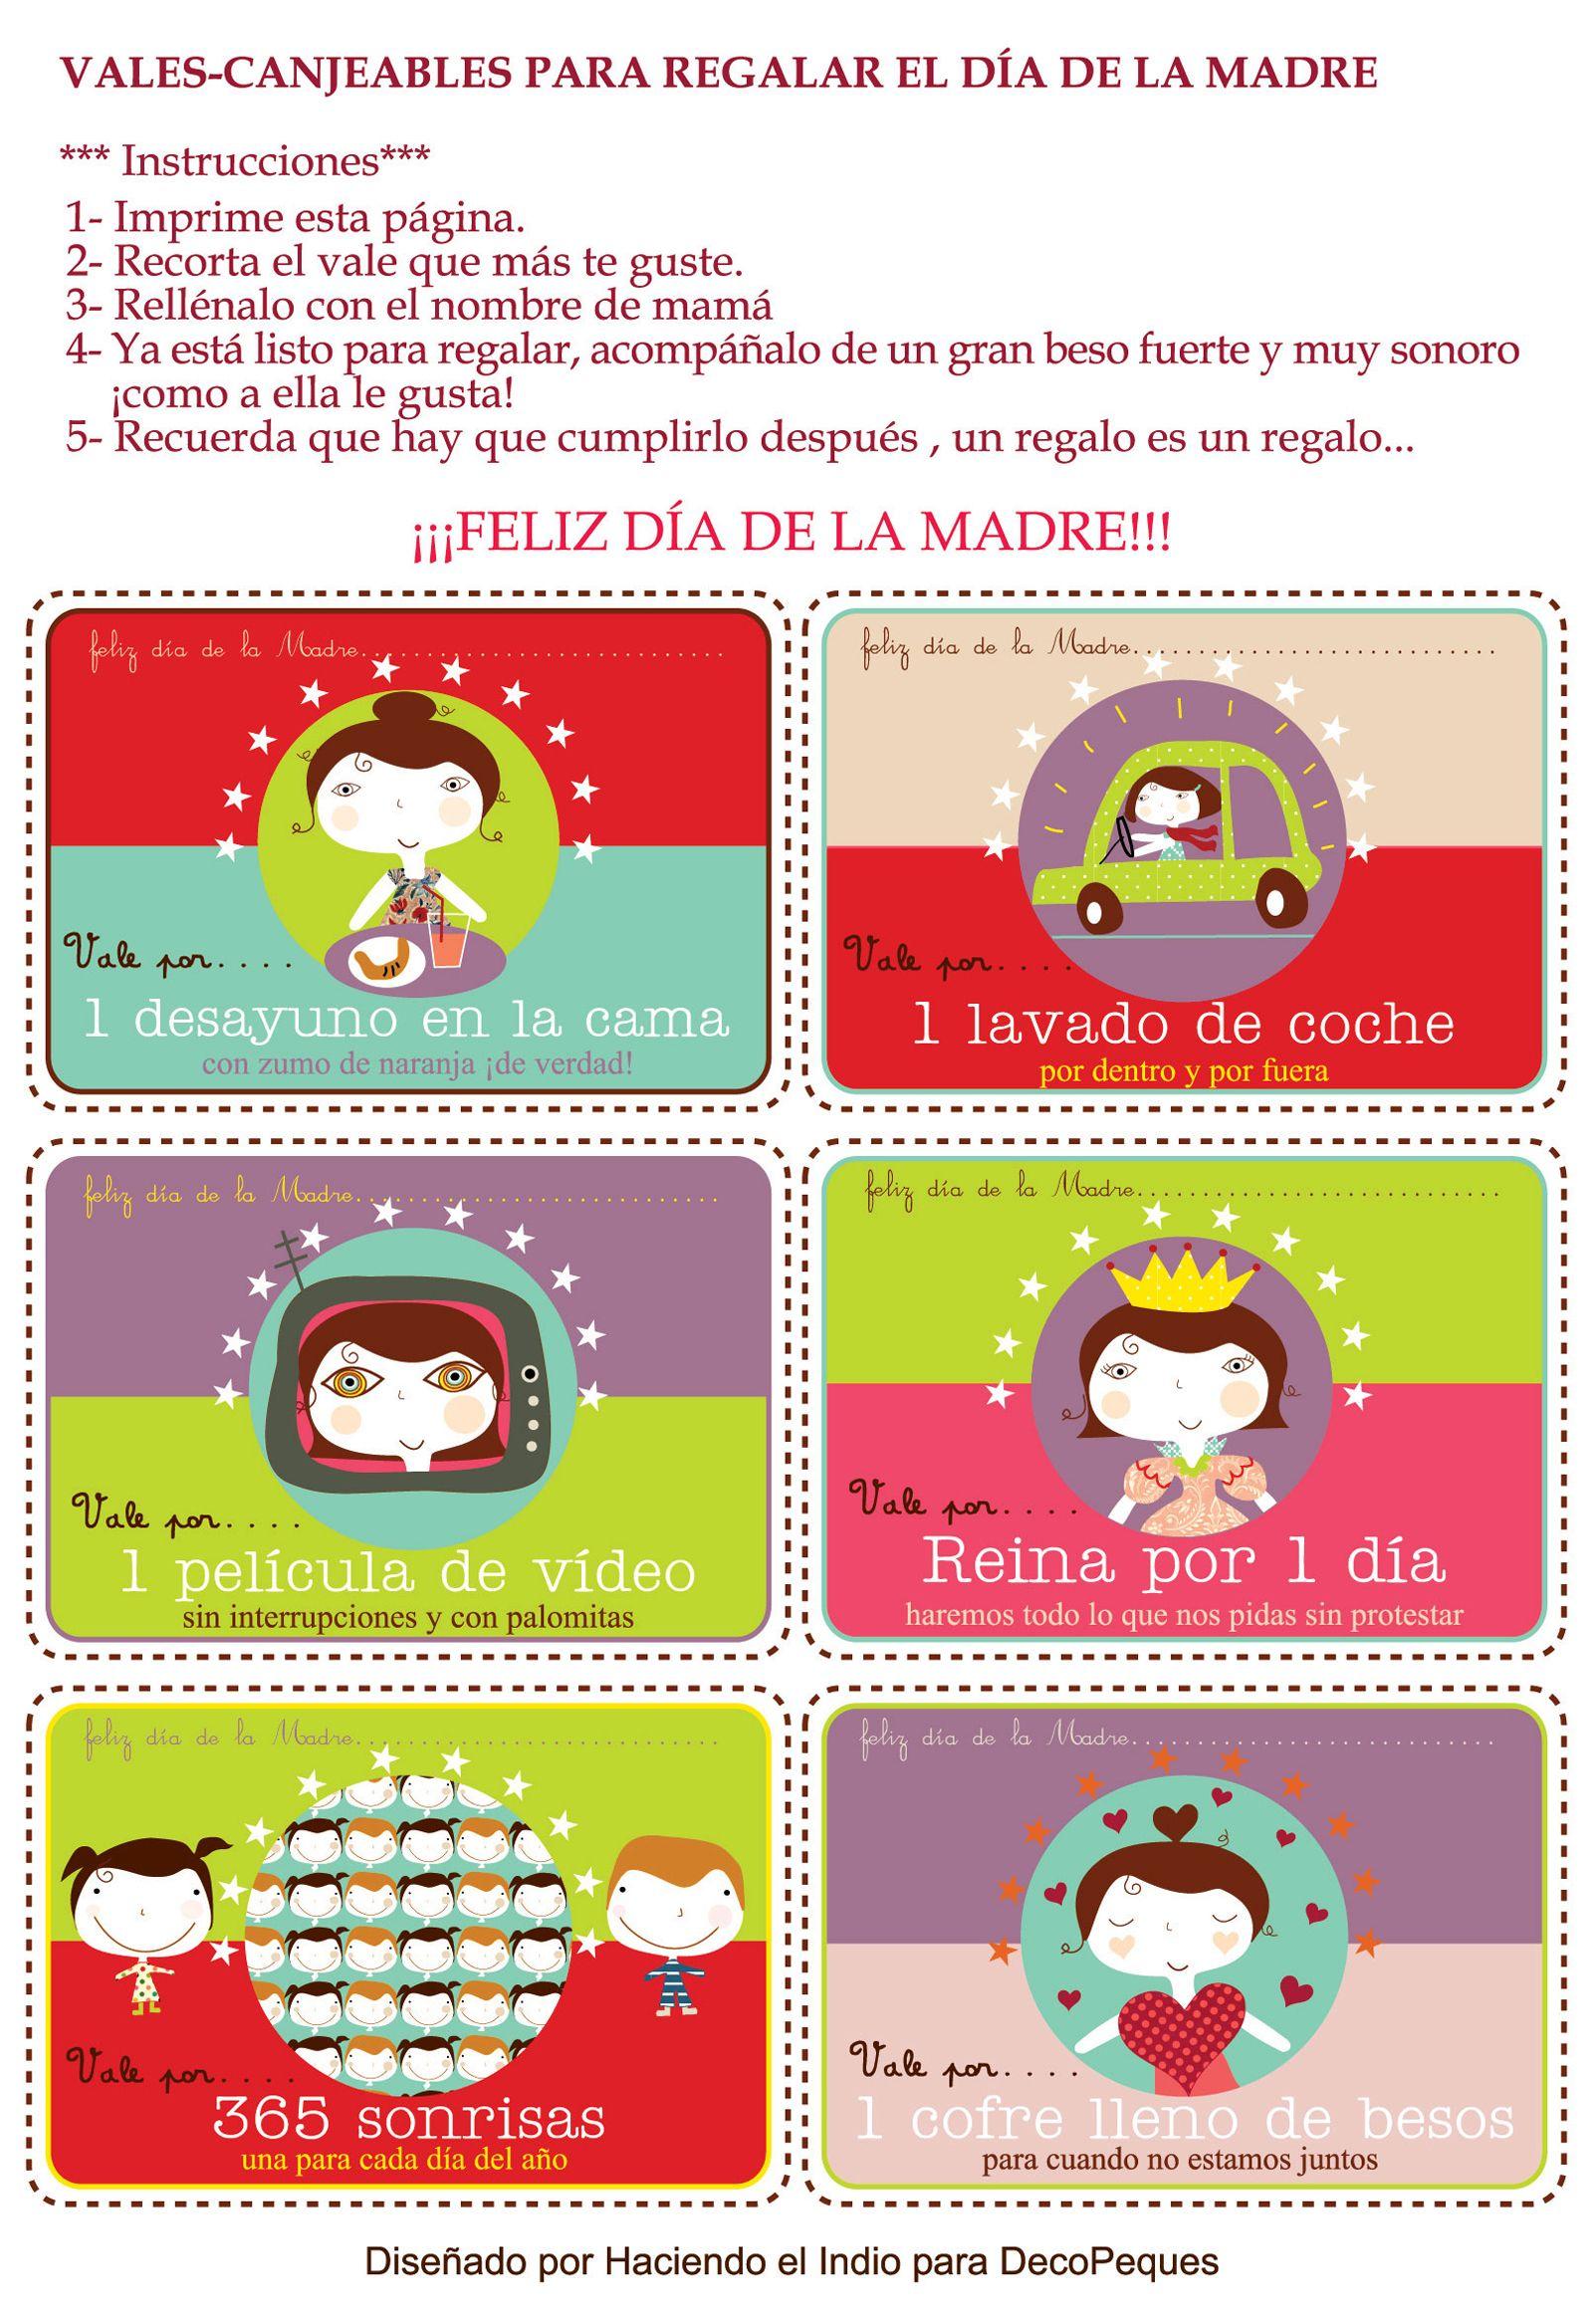 Vales gratis para regalar el Día de la Madre | Día de la madre, La ...